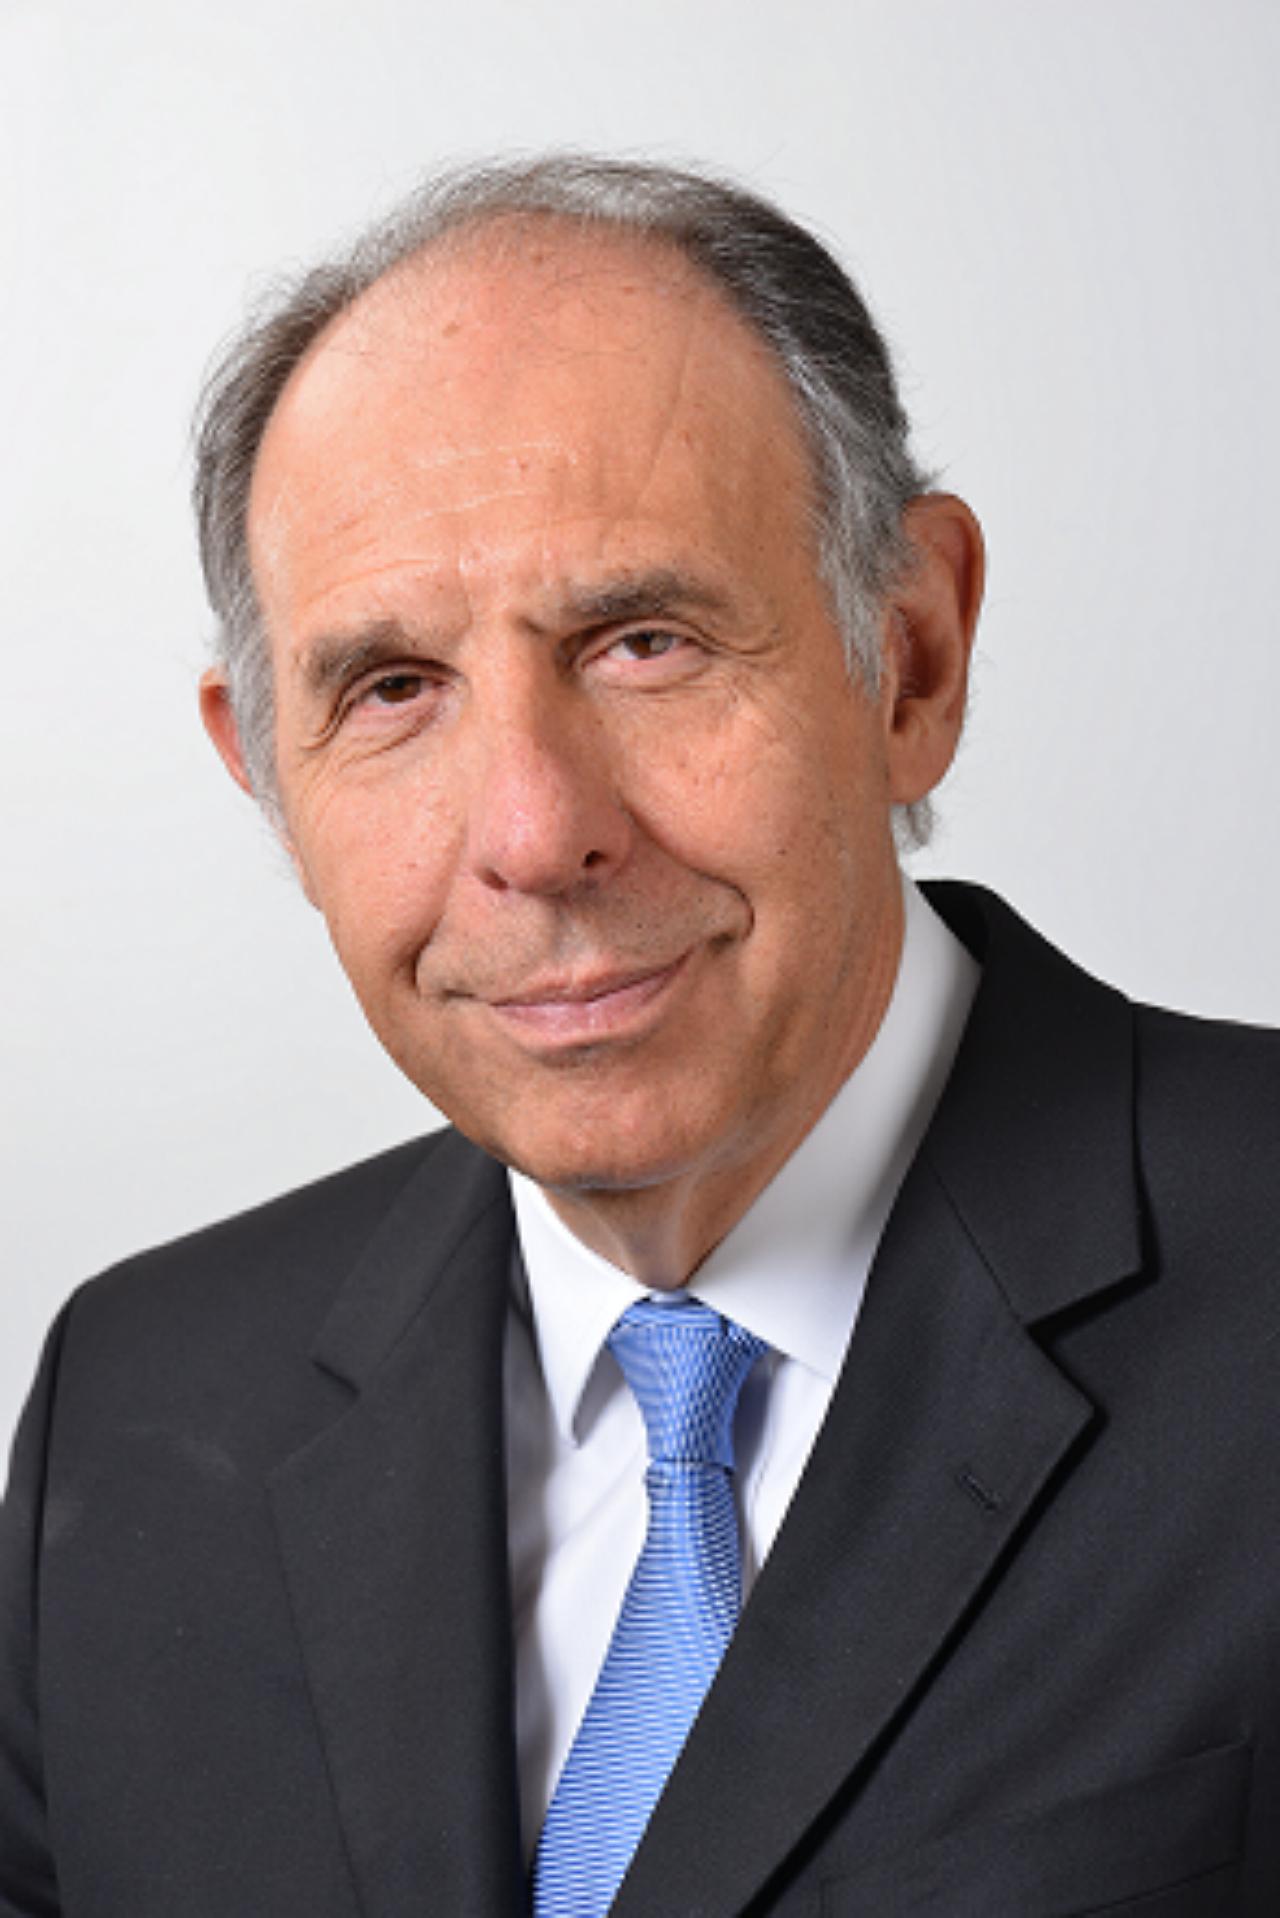 Claudio Bernardes headshot